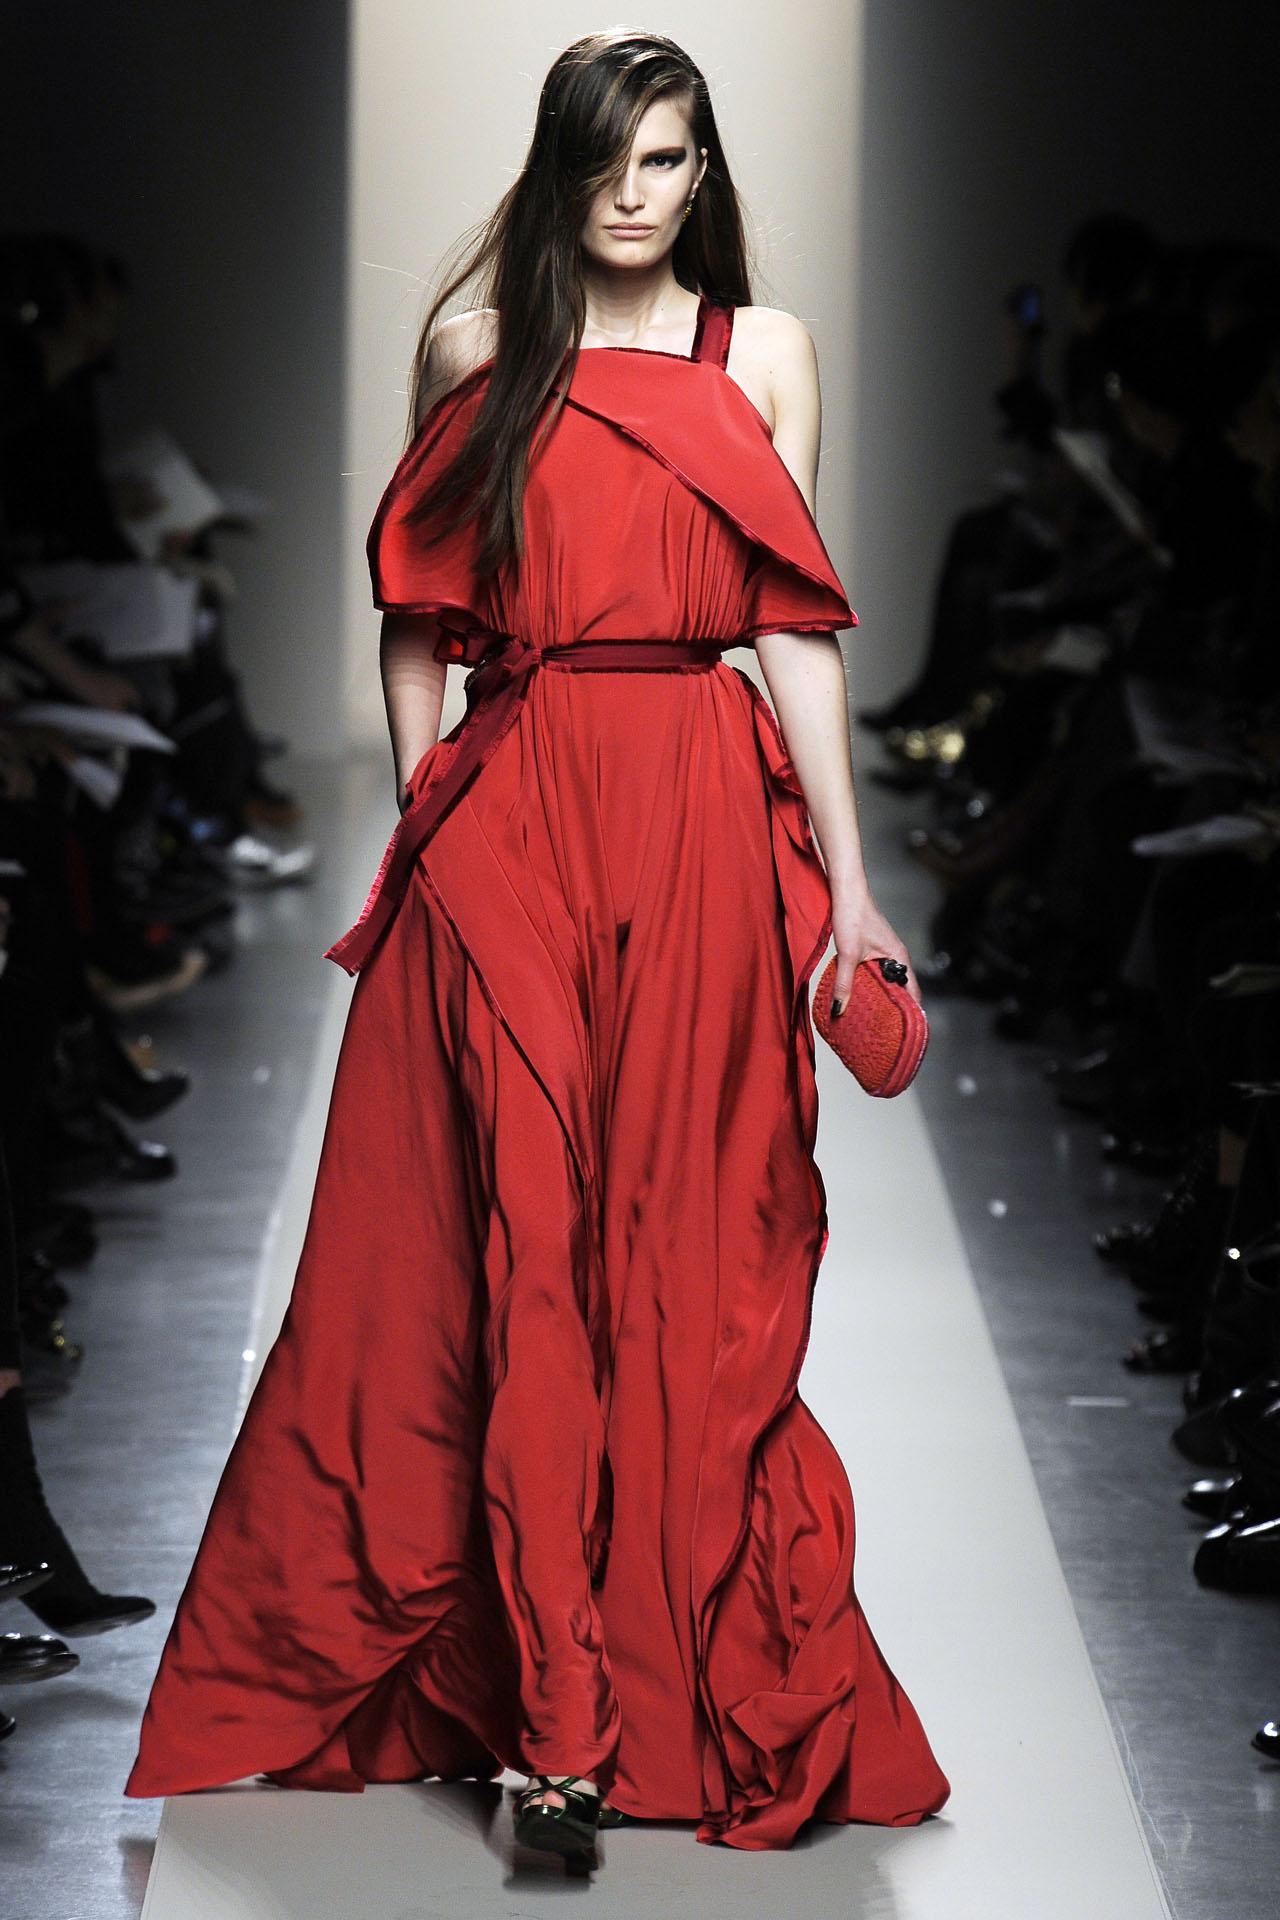 Сняла красное платье 12 фотография